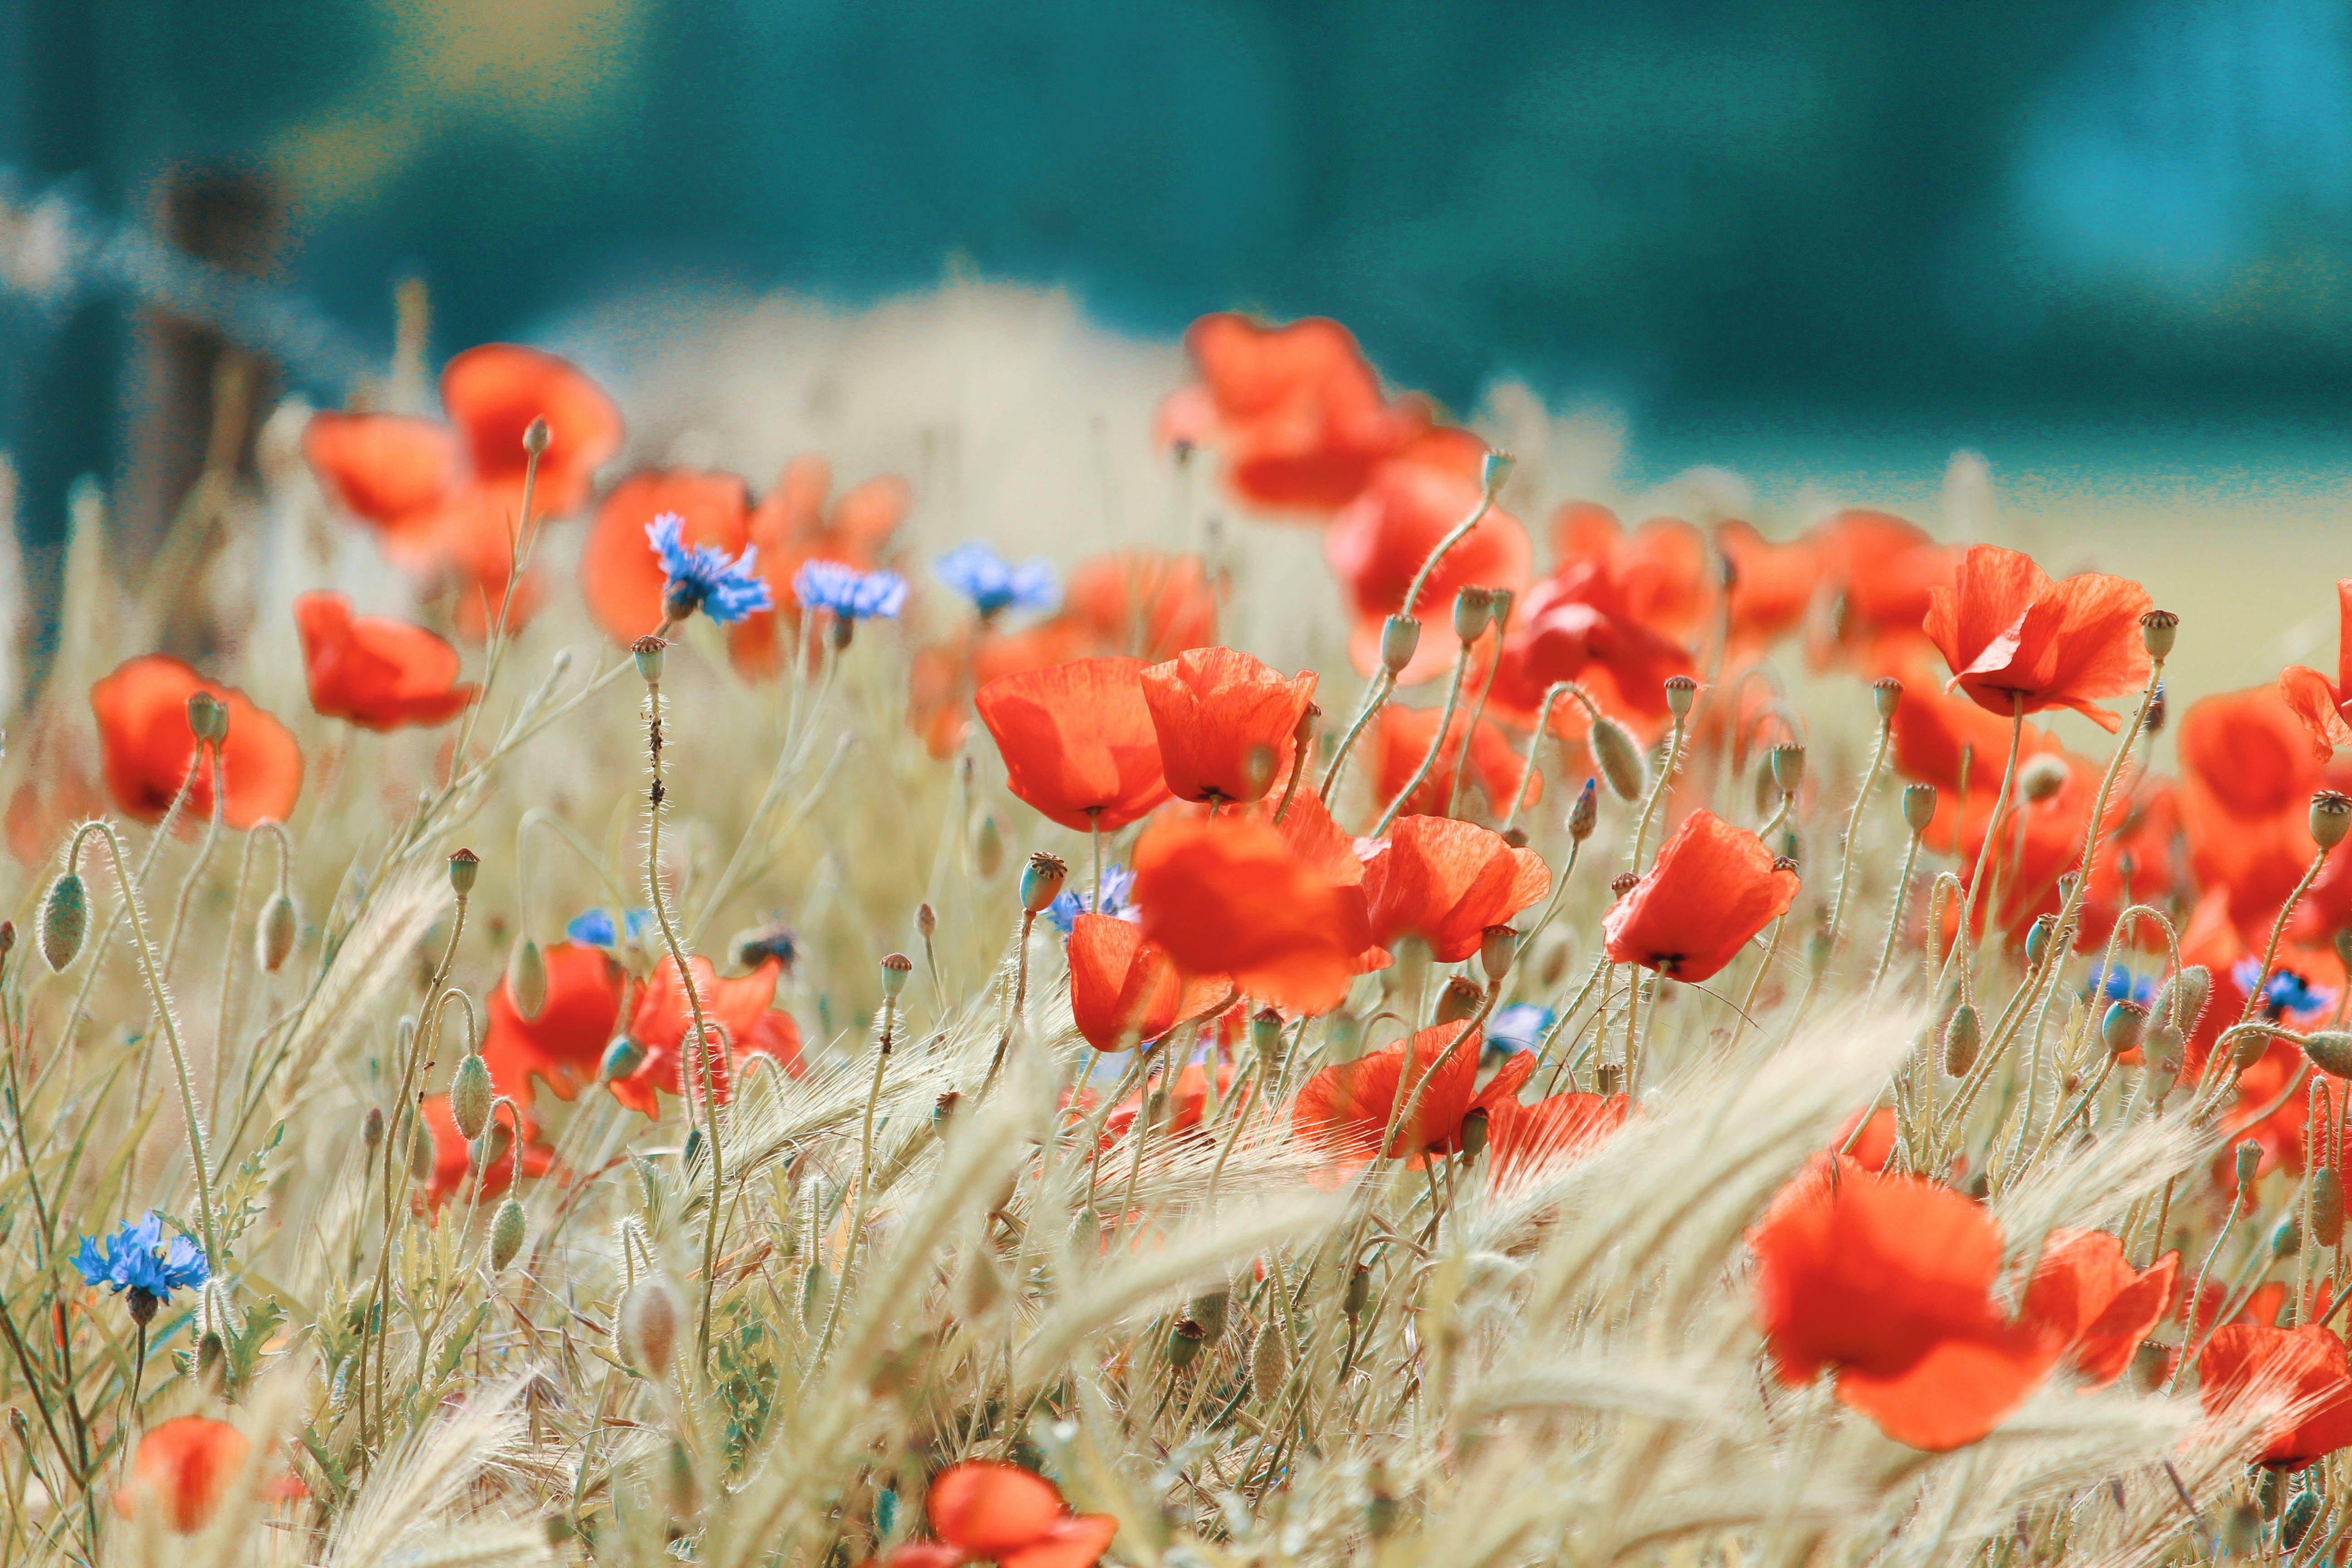 berkembang, bidang, bunga